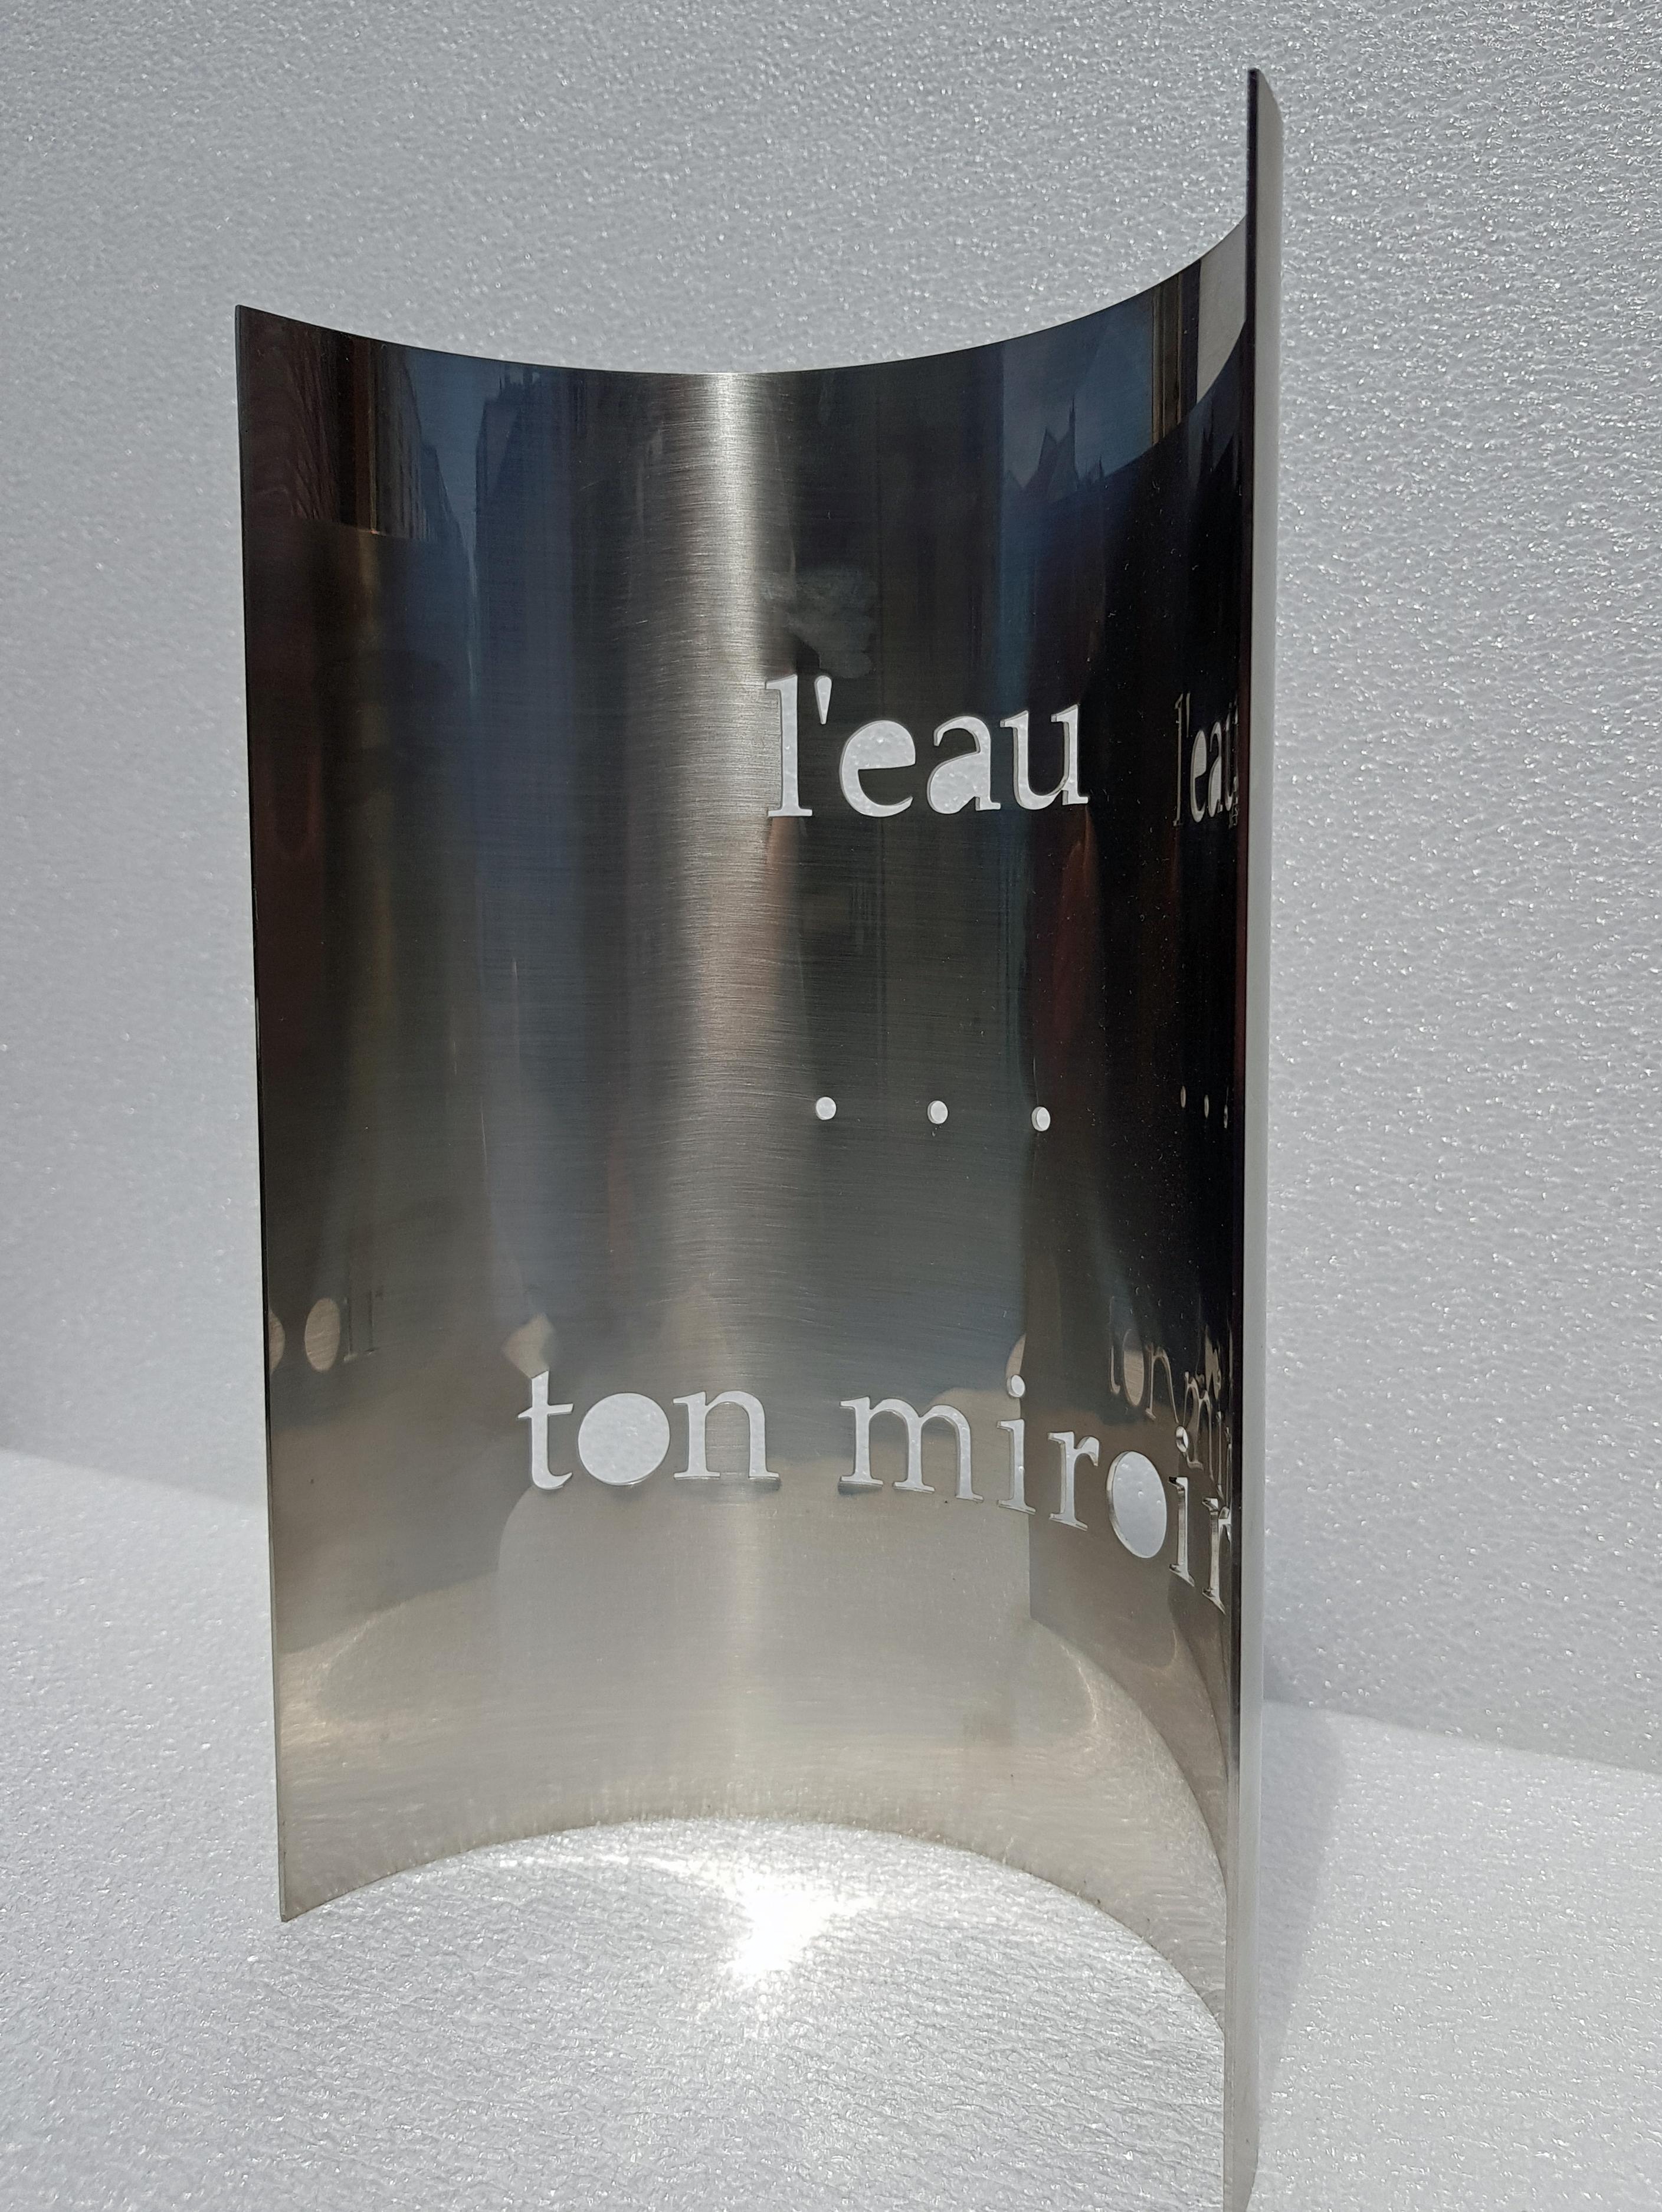 l'eau ton miroir